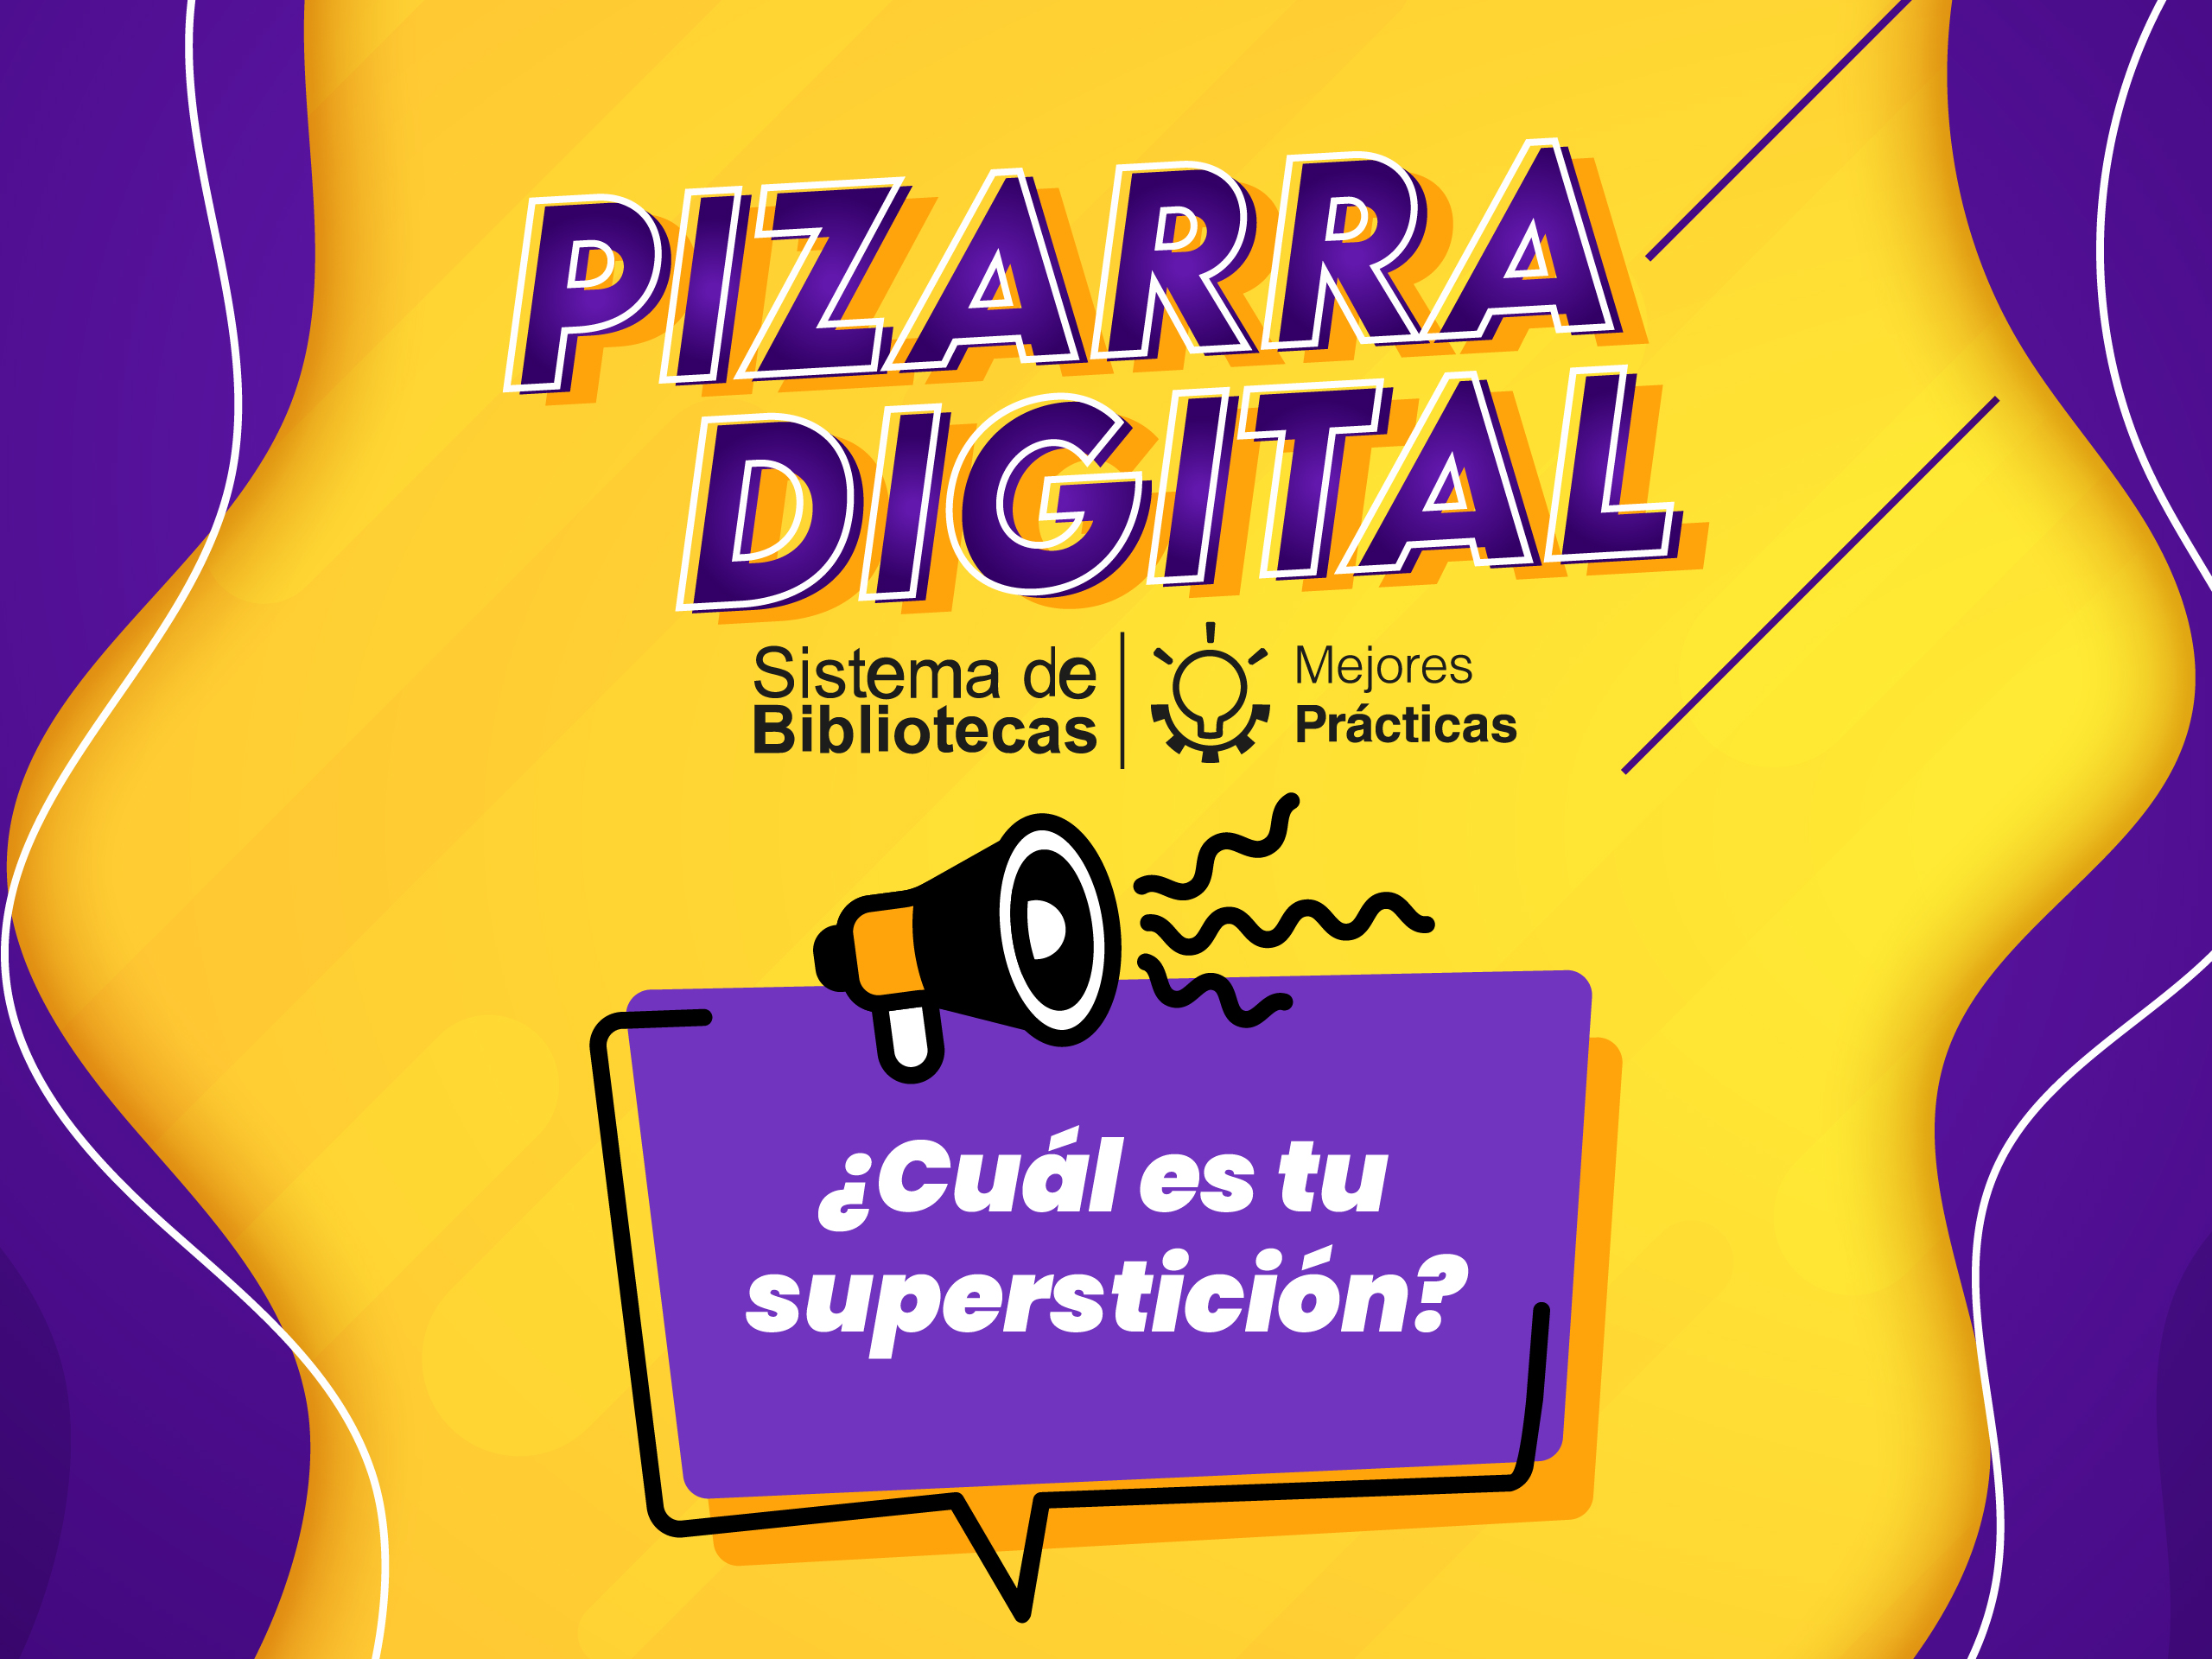 Pizarra digital | Uniandes